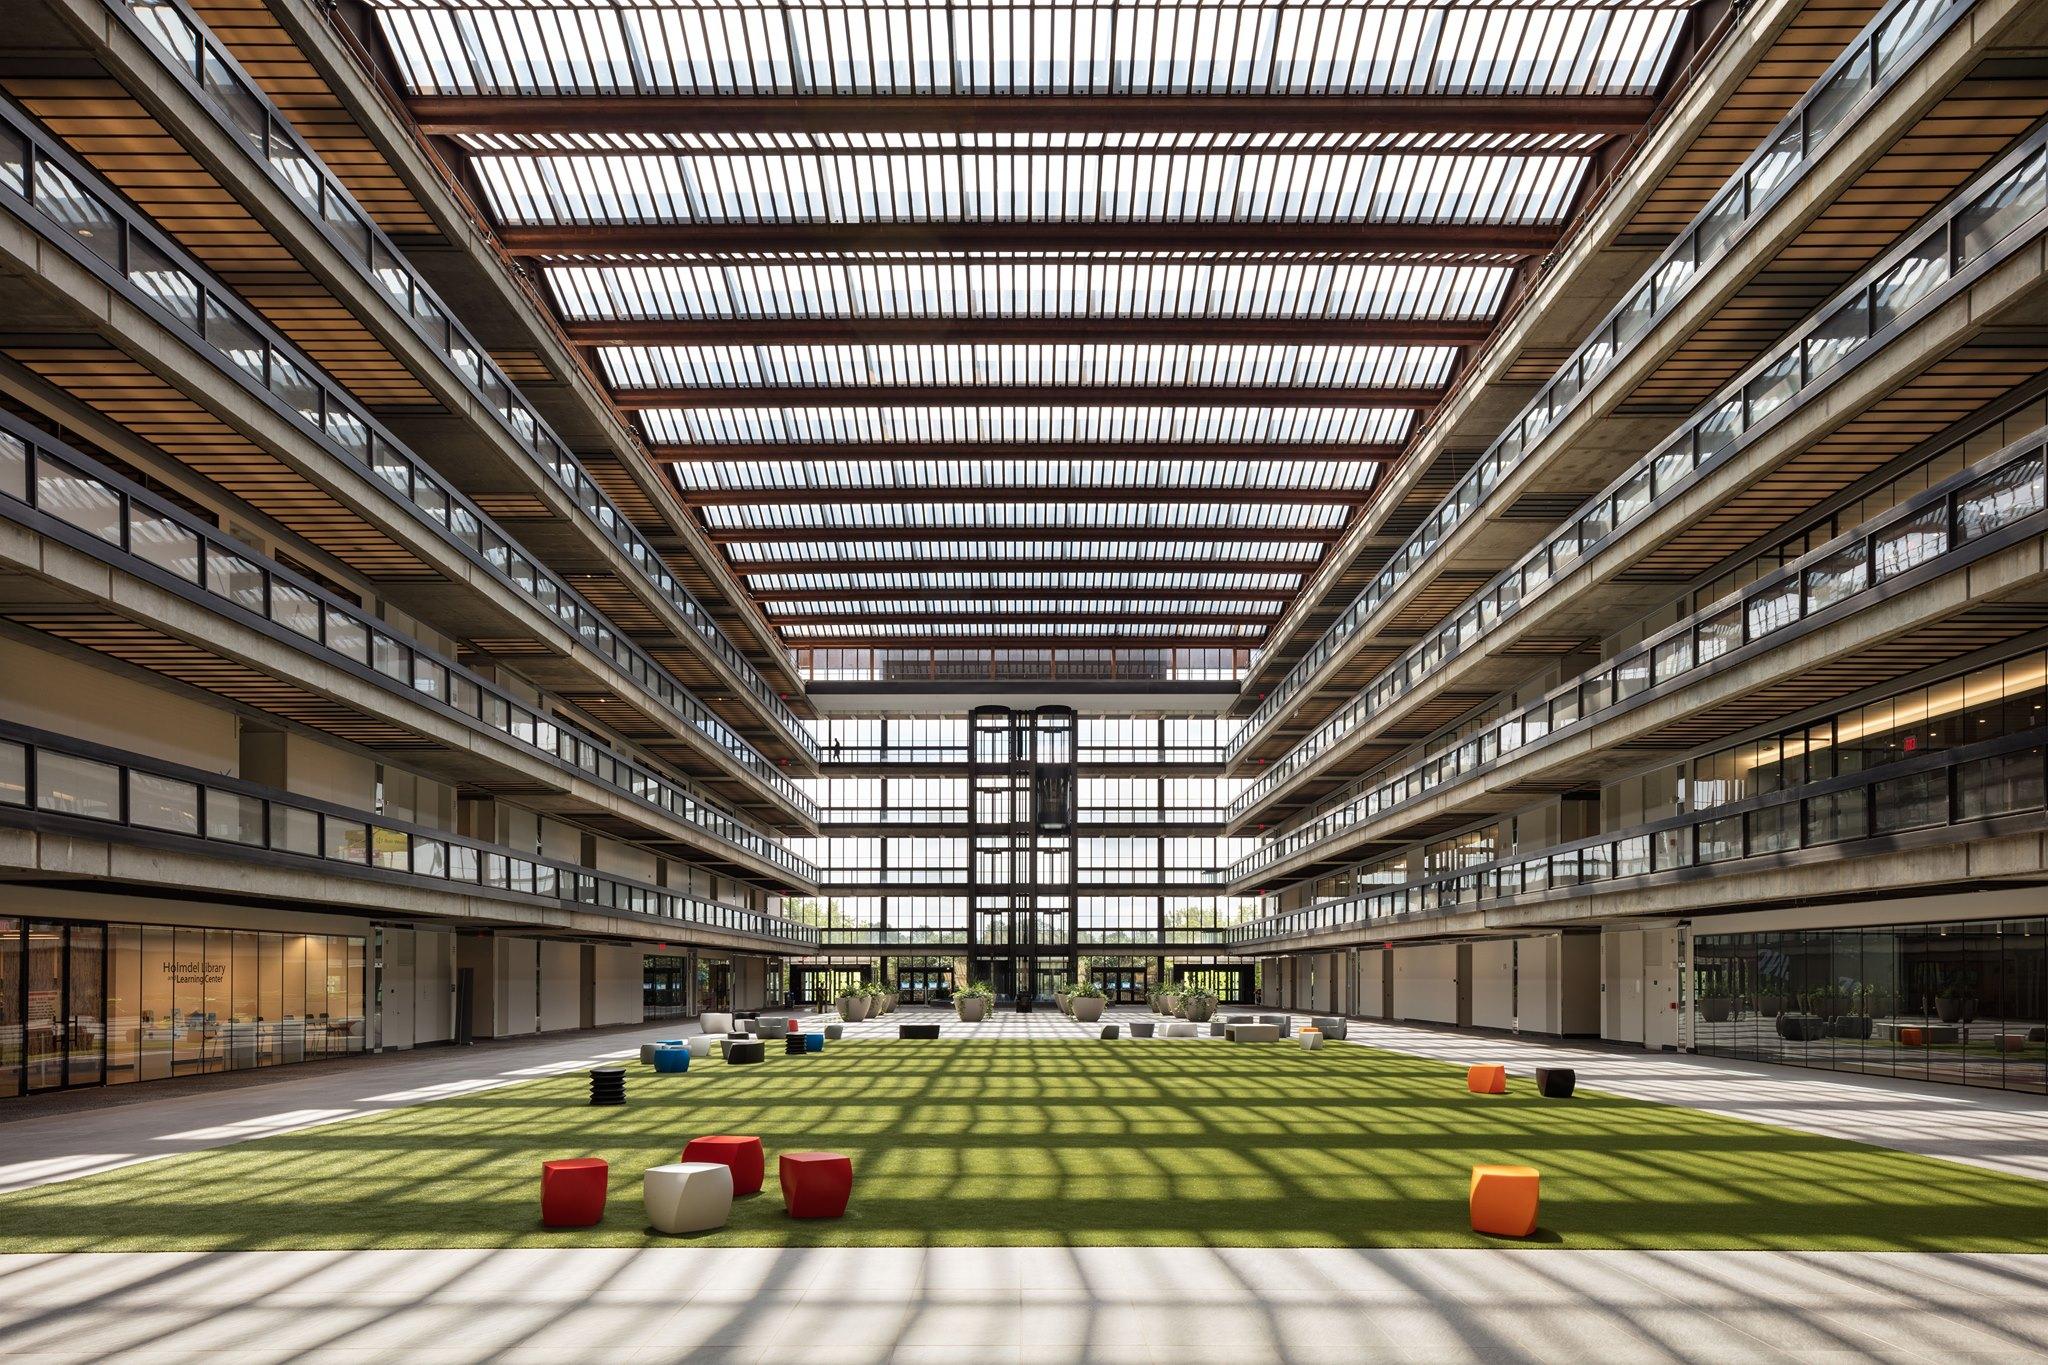 Bell Works Inside Building